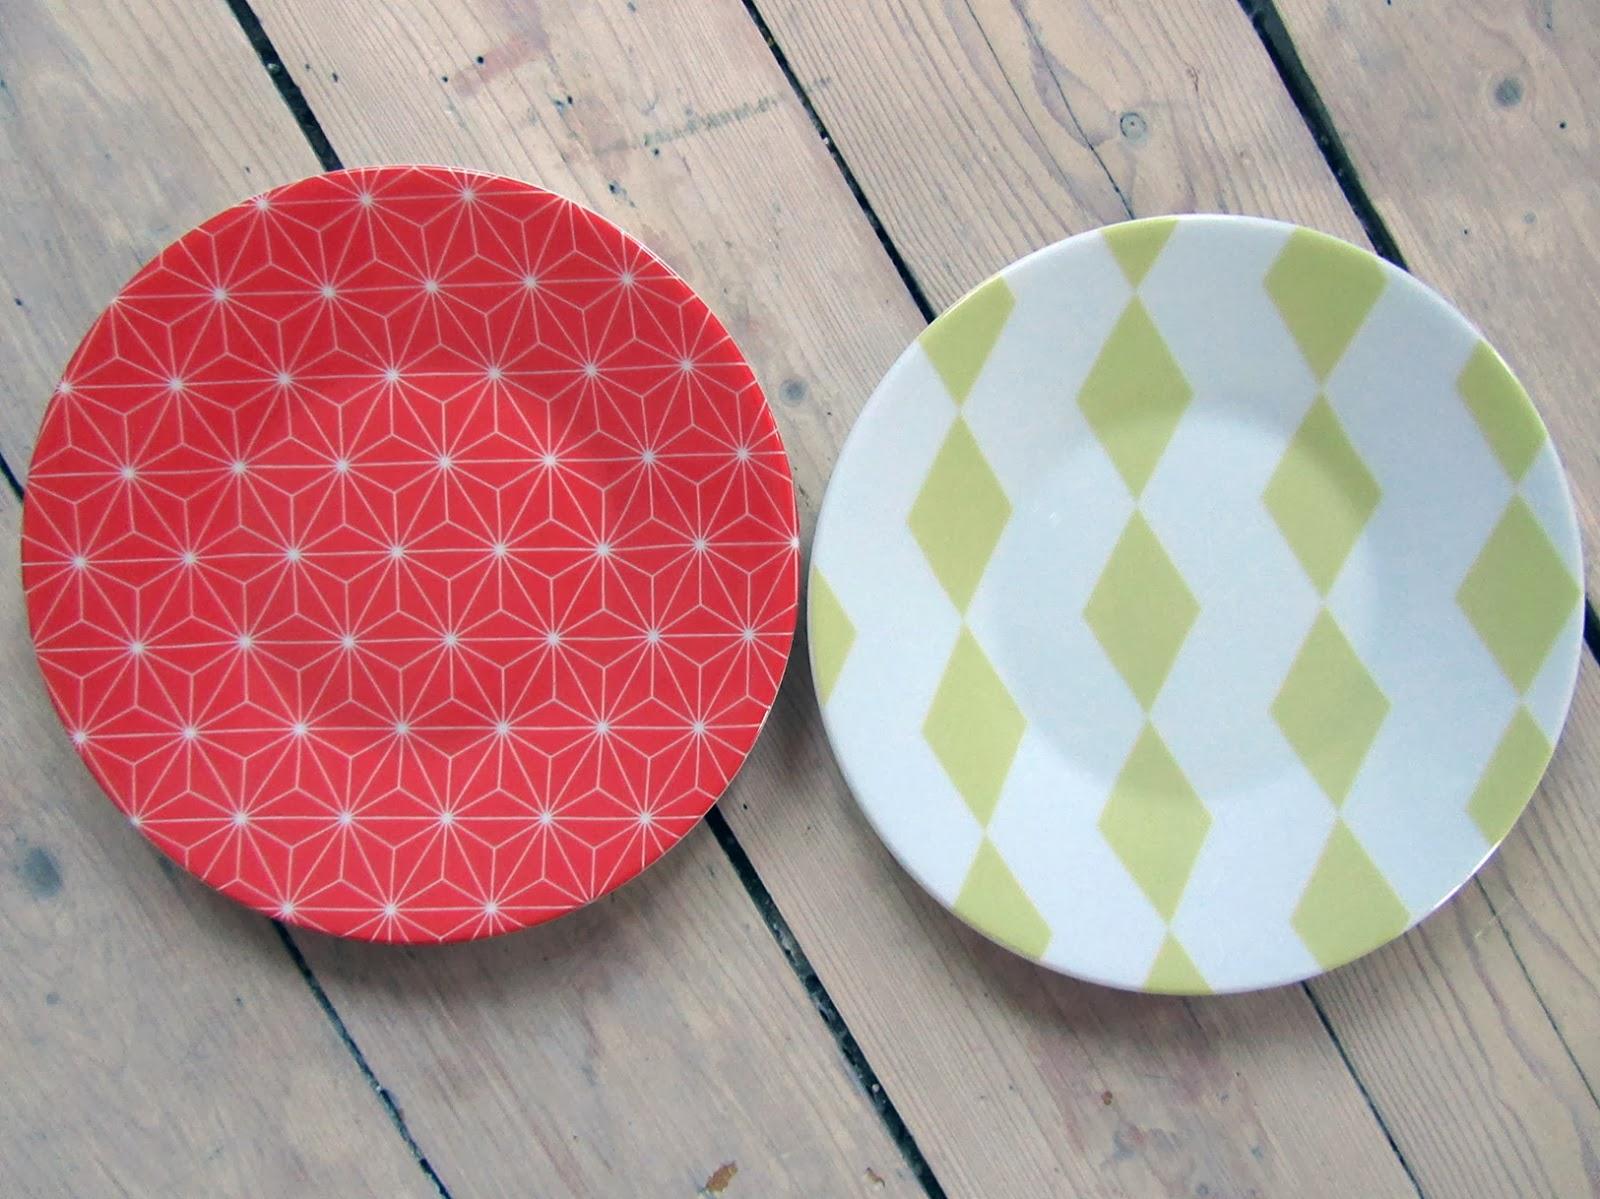 Ikea Bråkig plates